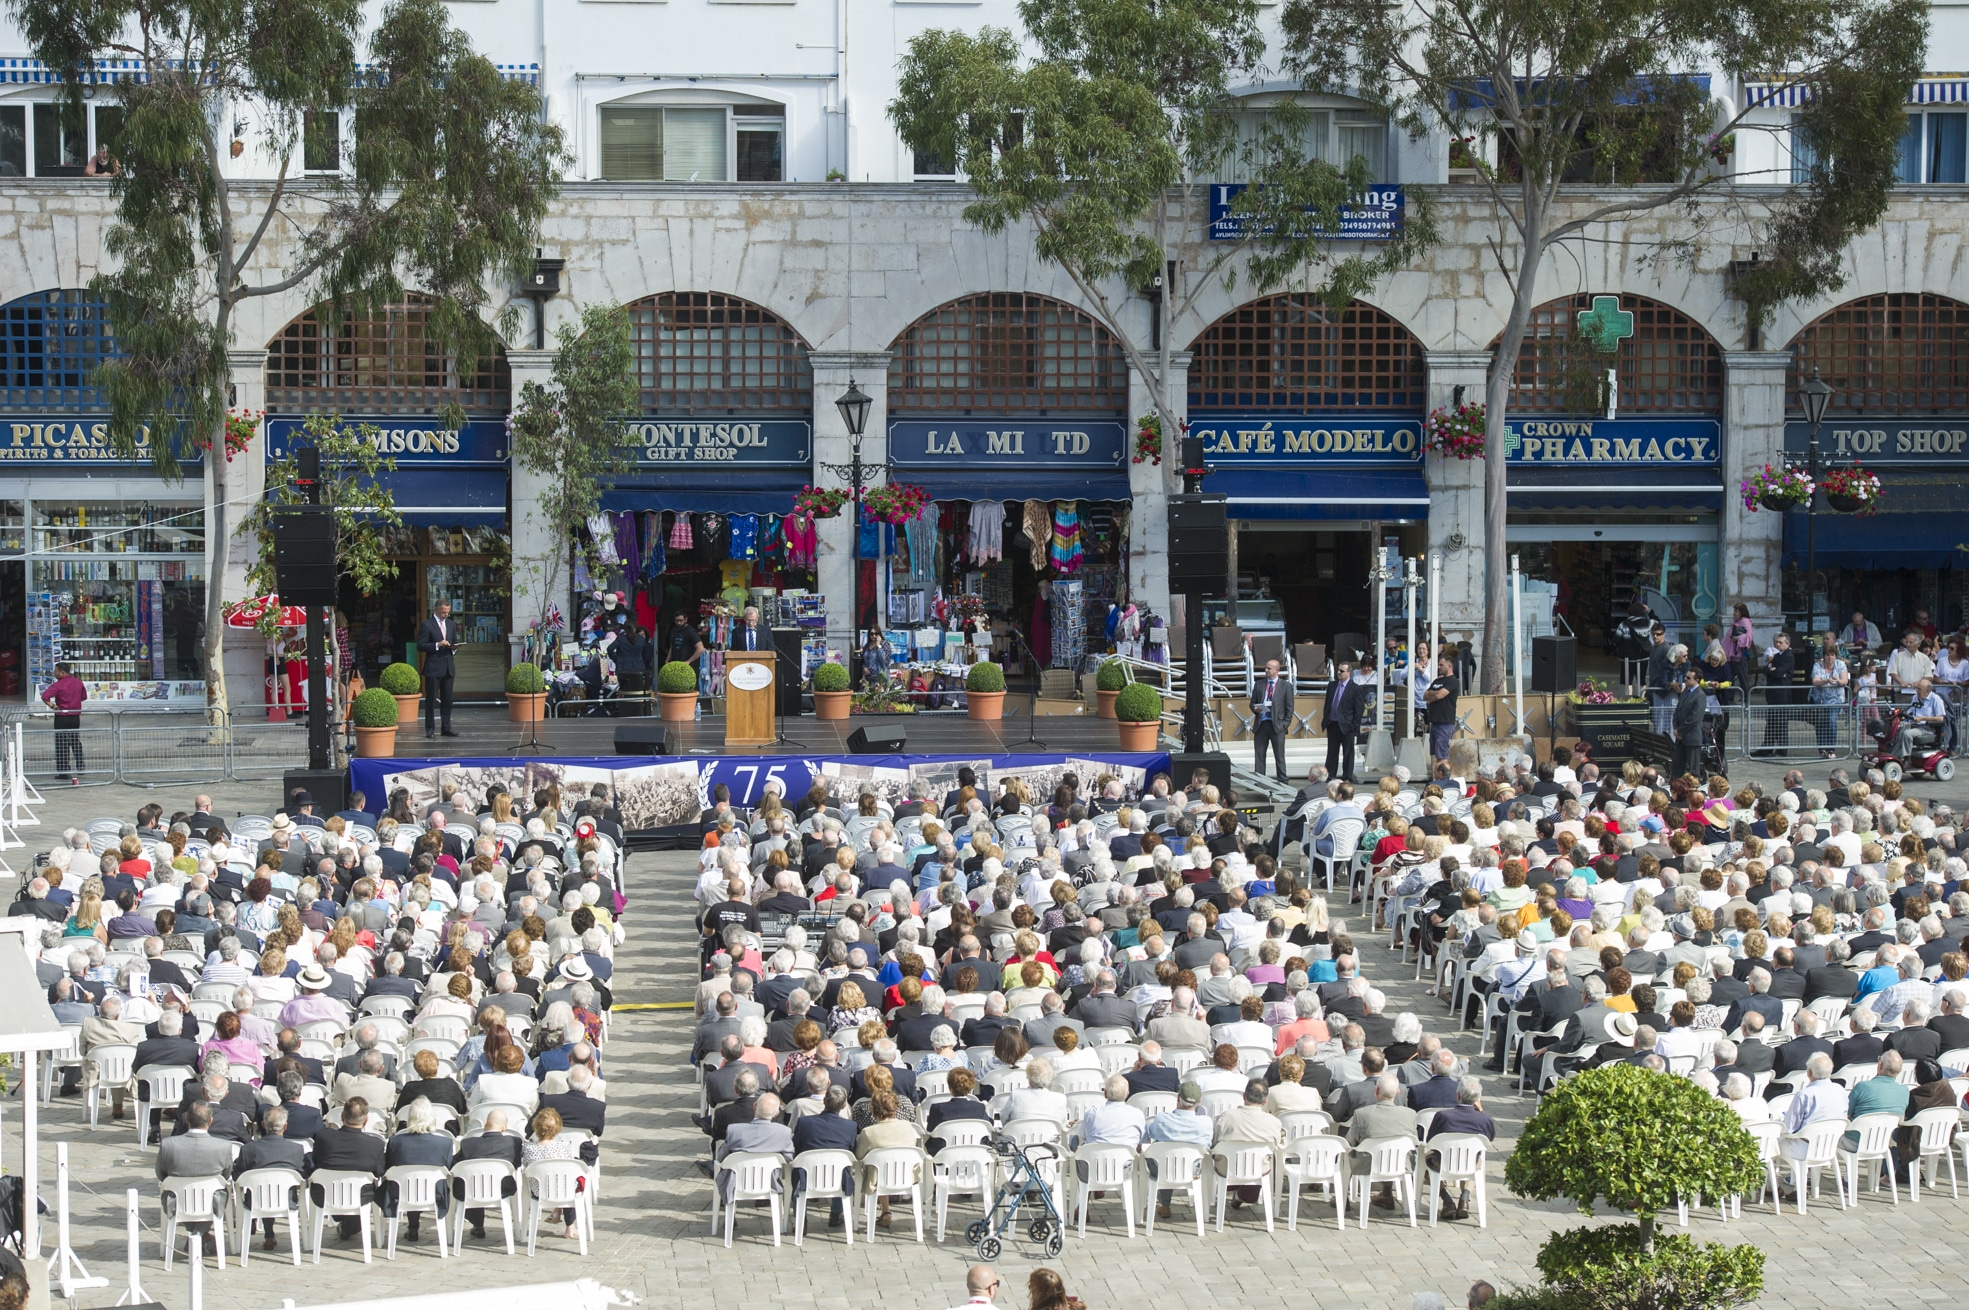 ceremonia-75-anos-evacuacion-gibraltar-22052015-41_17807379738_o